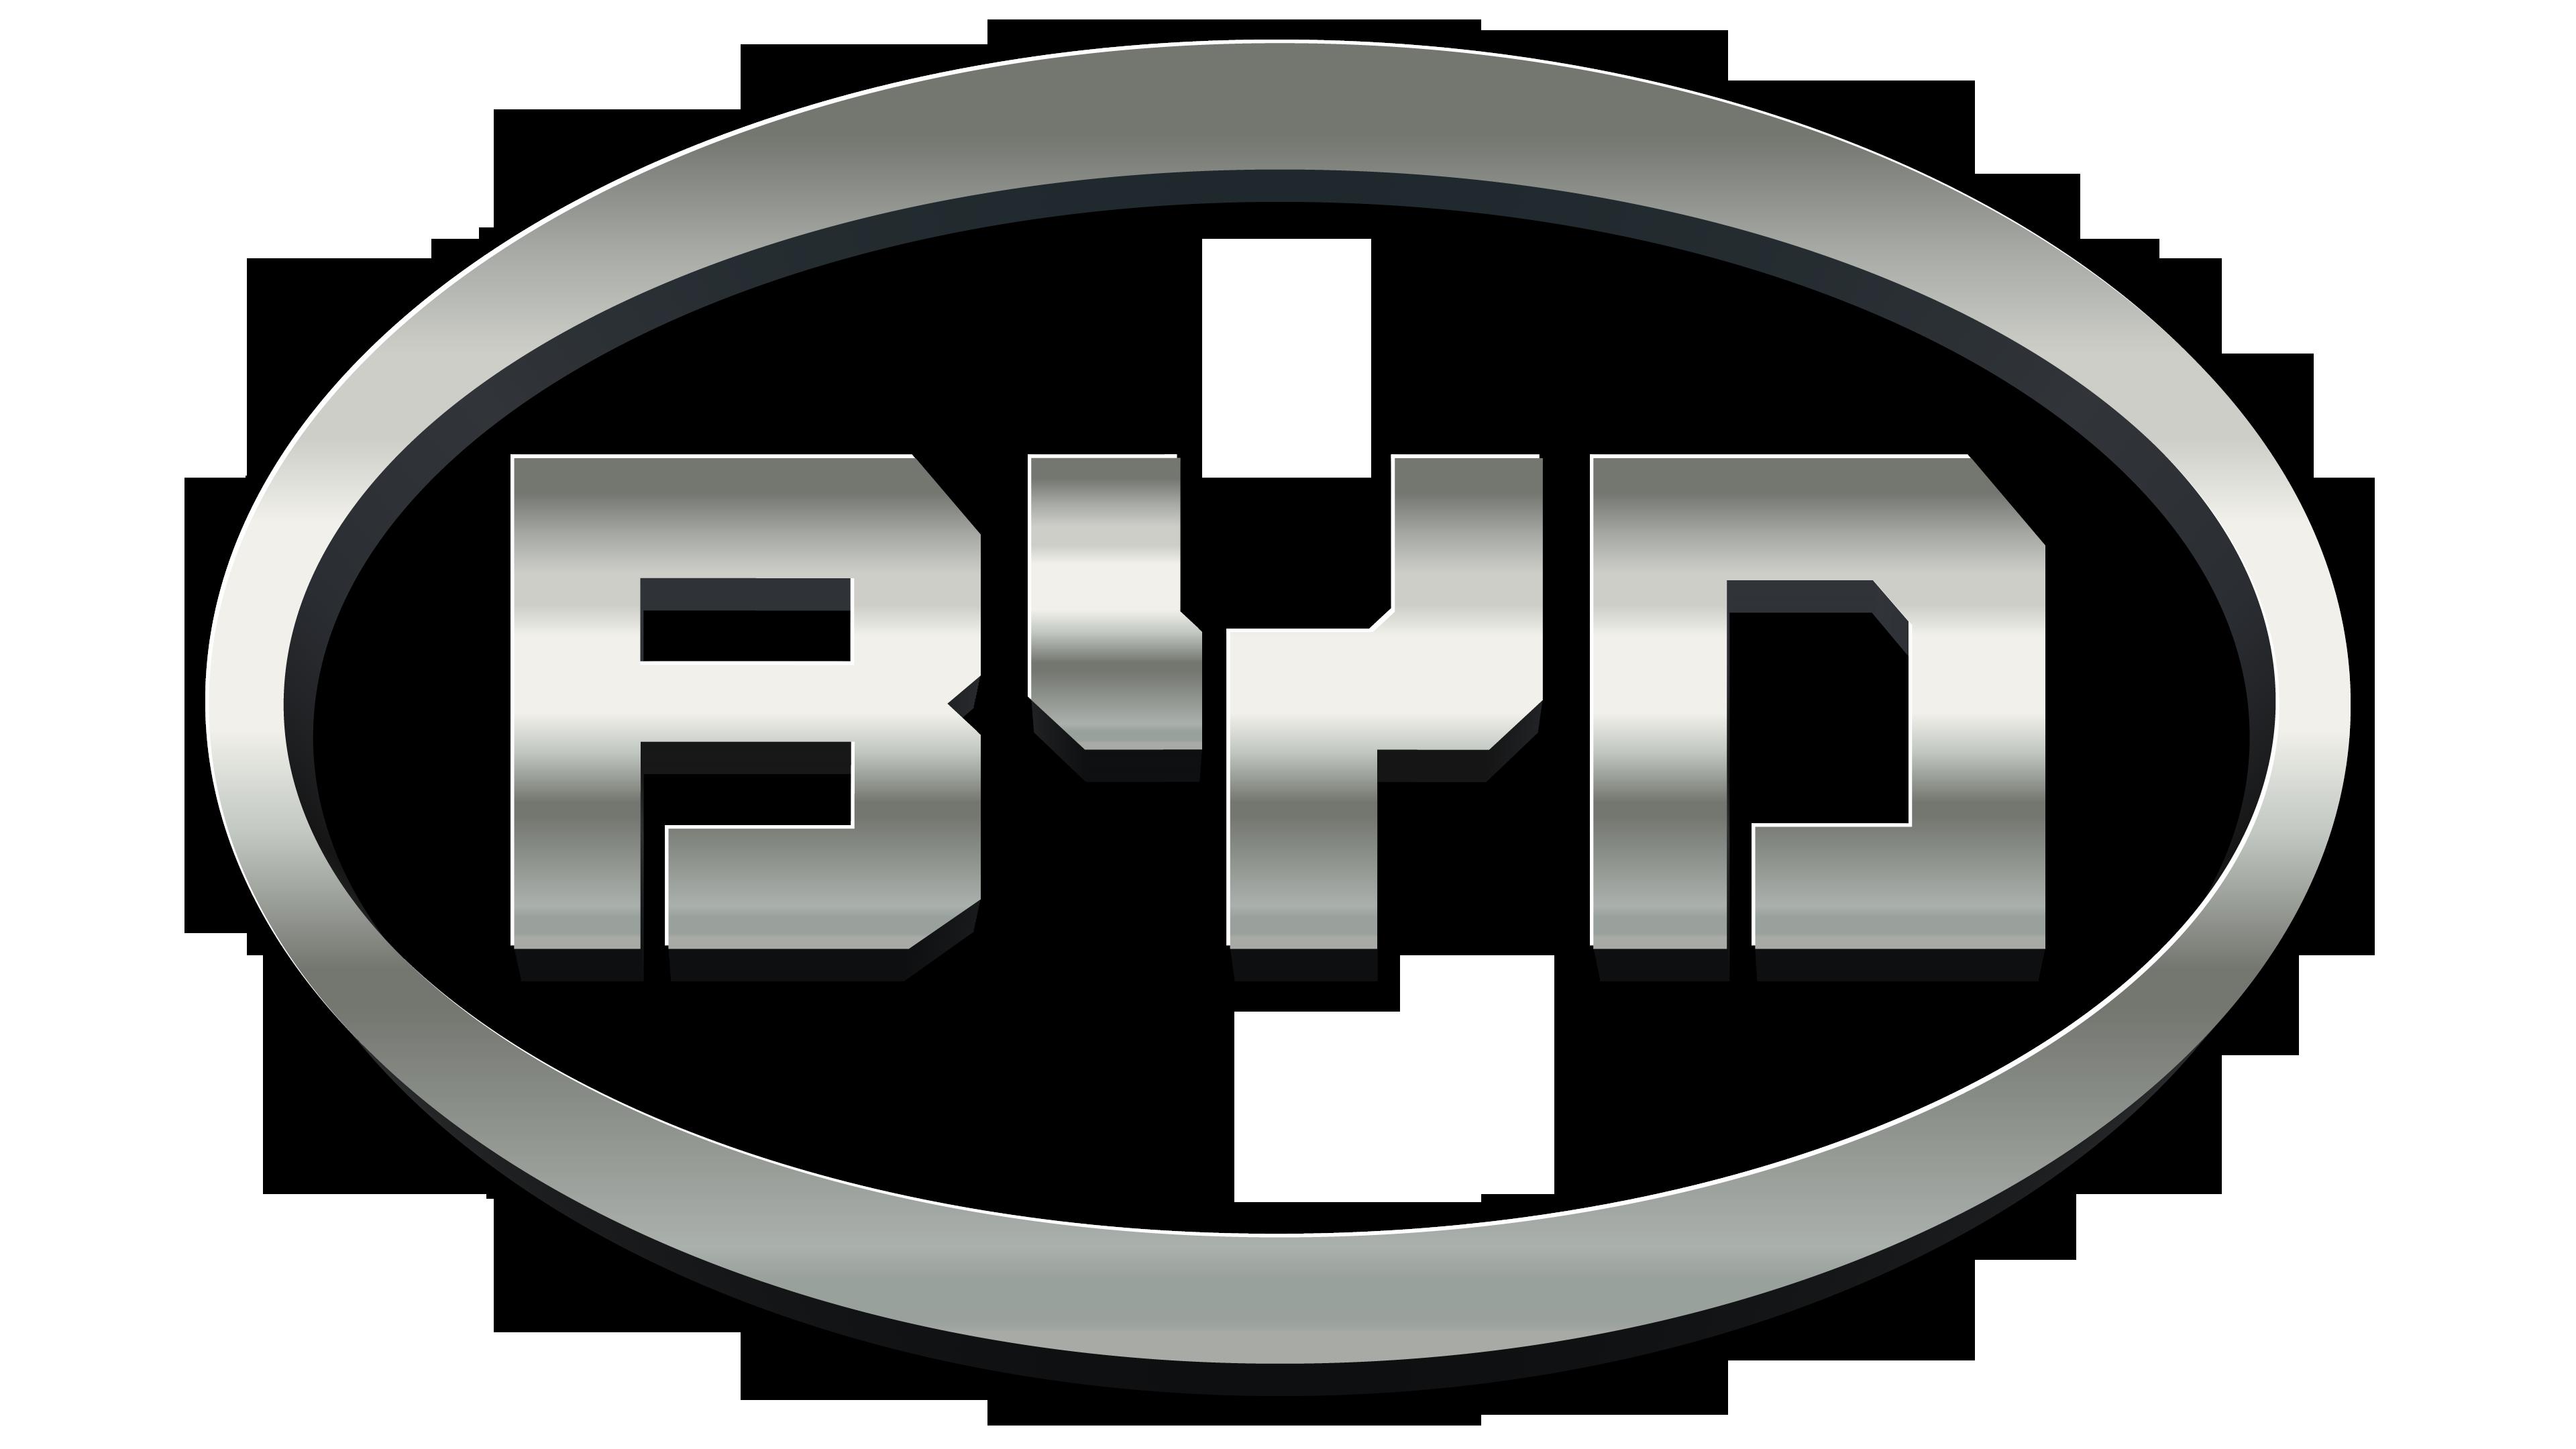 Byd car Logos.